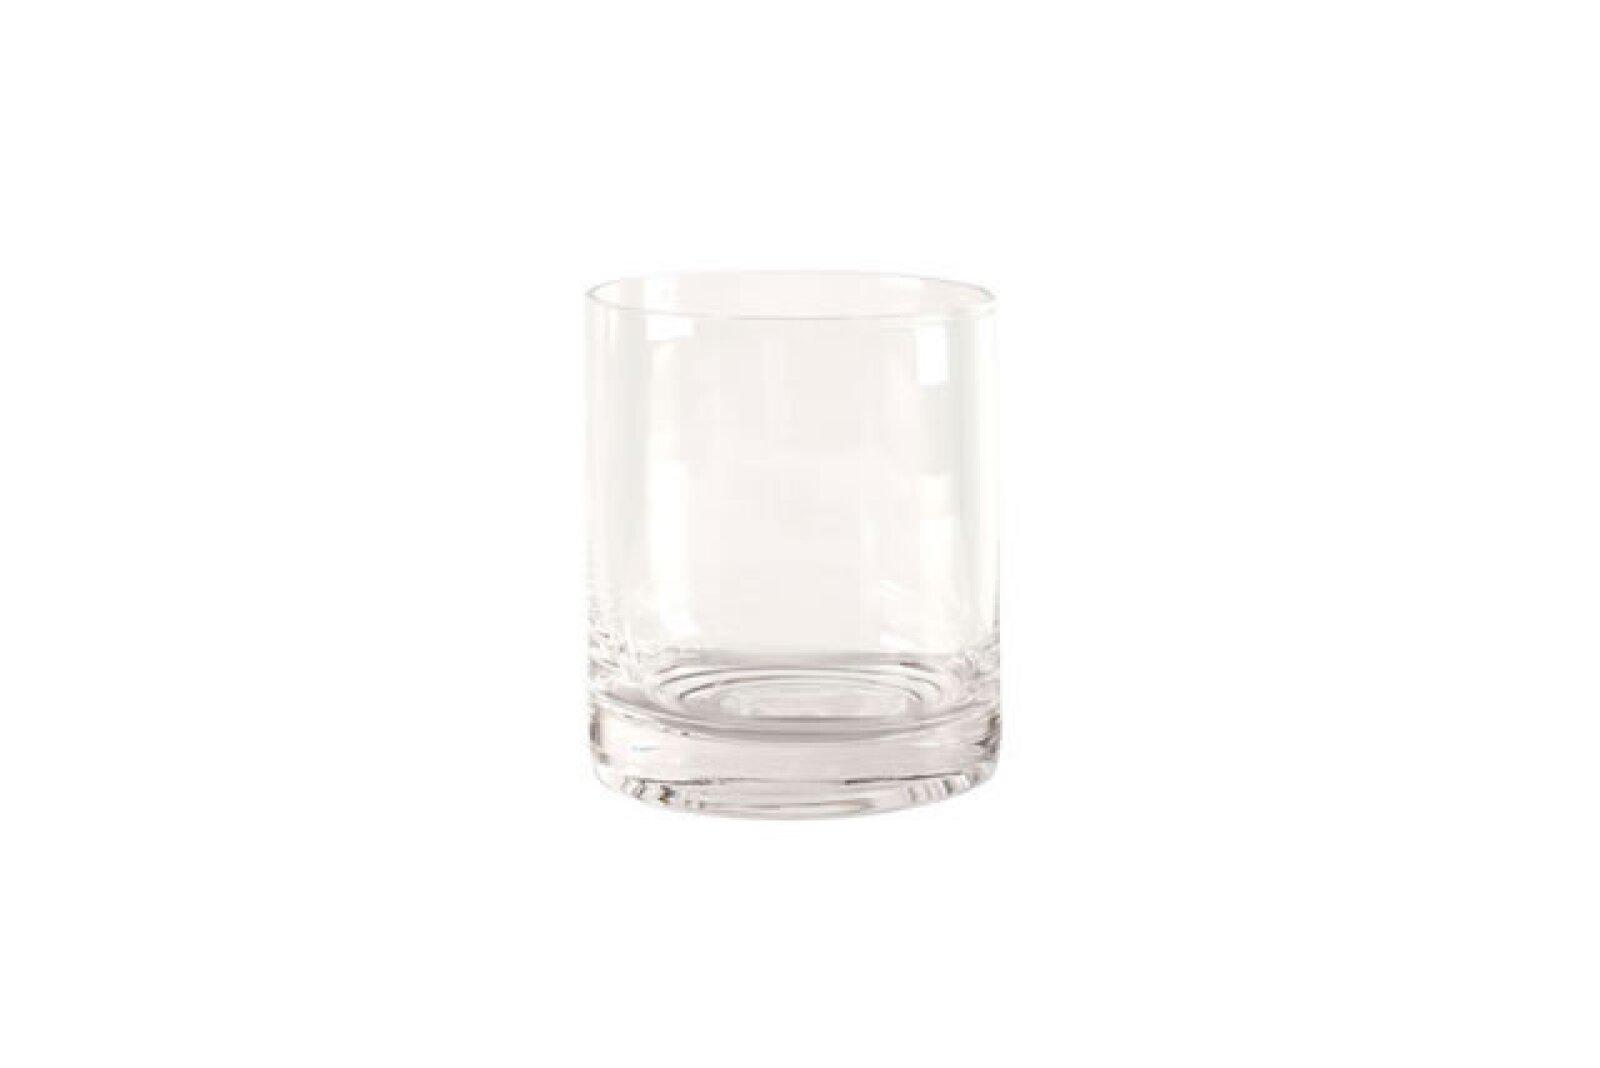 Becaro, vaso bajo para whiskey. 100 pesos por pieza. Dupuis Santa Fe.